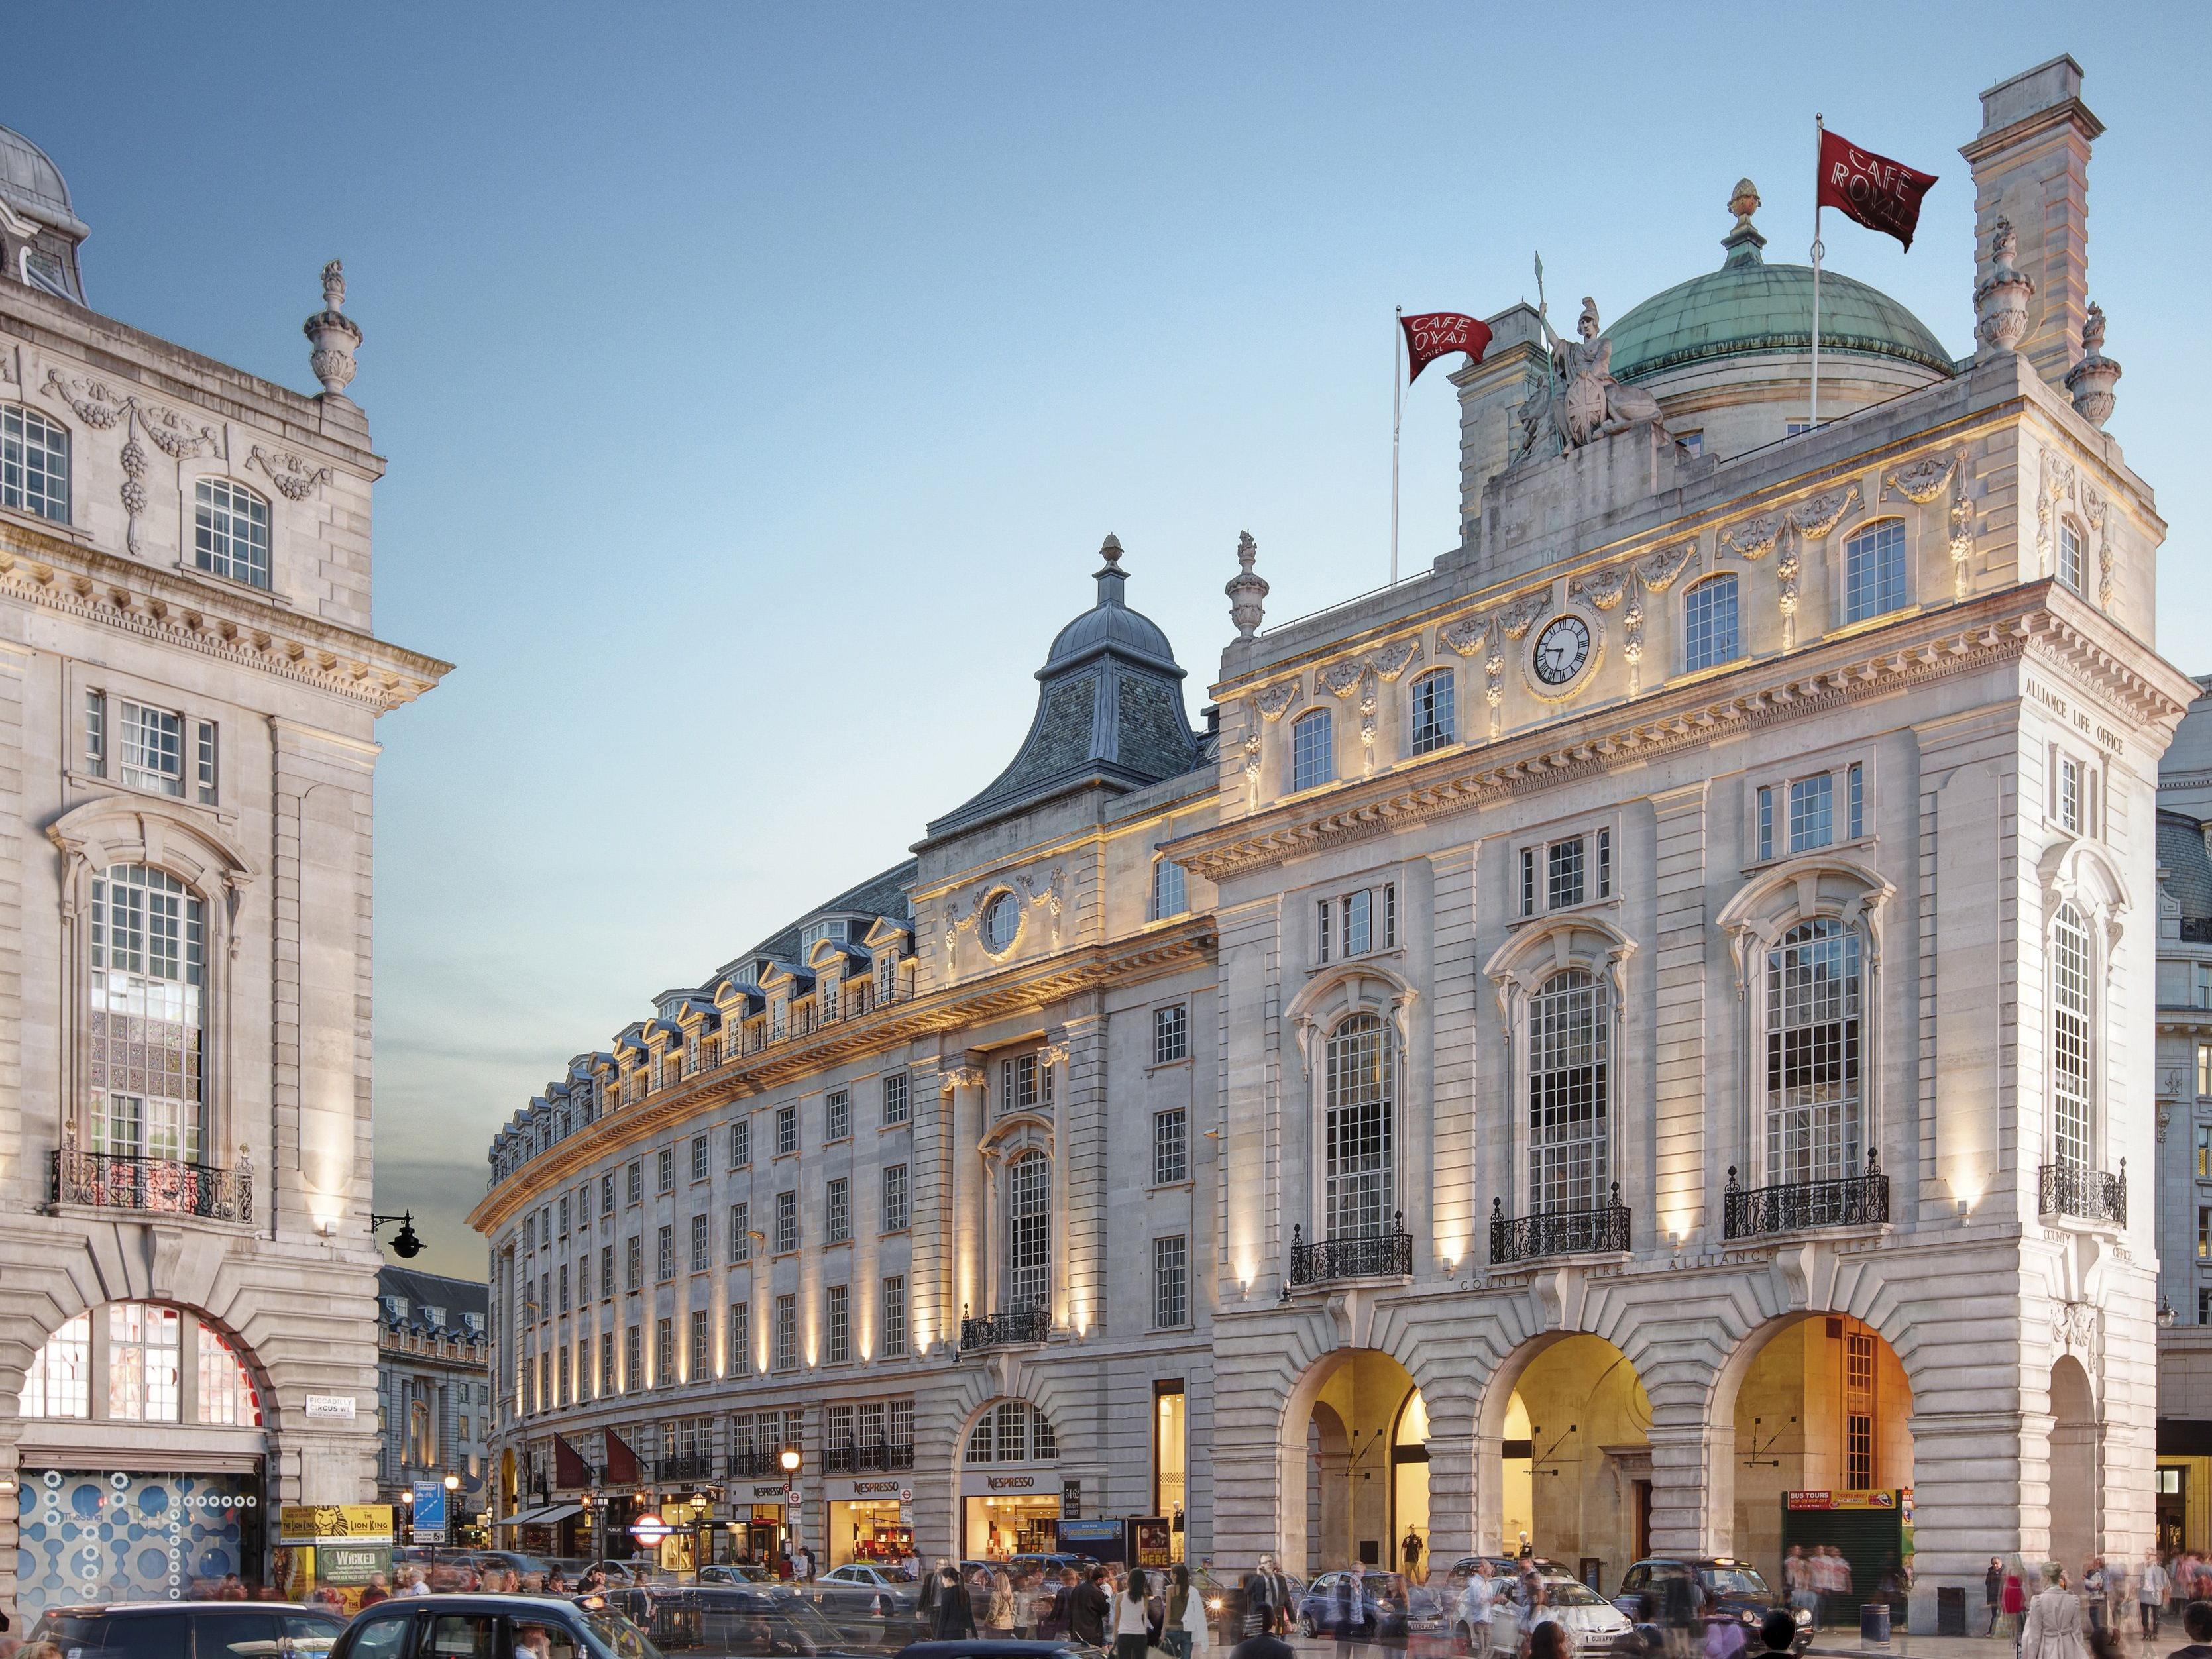 Destination: London, England I